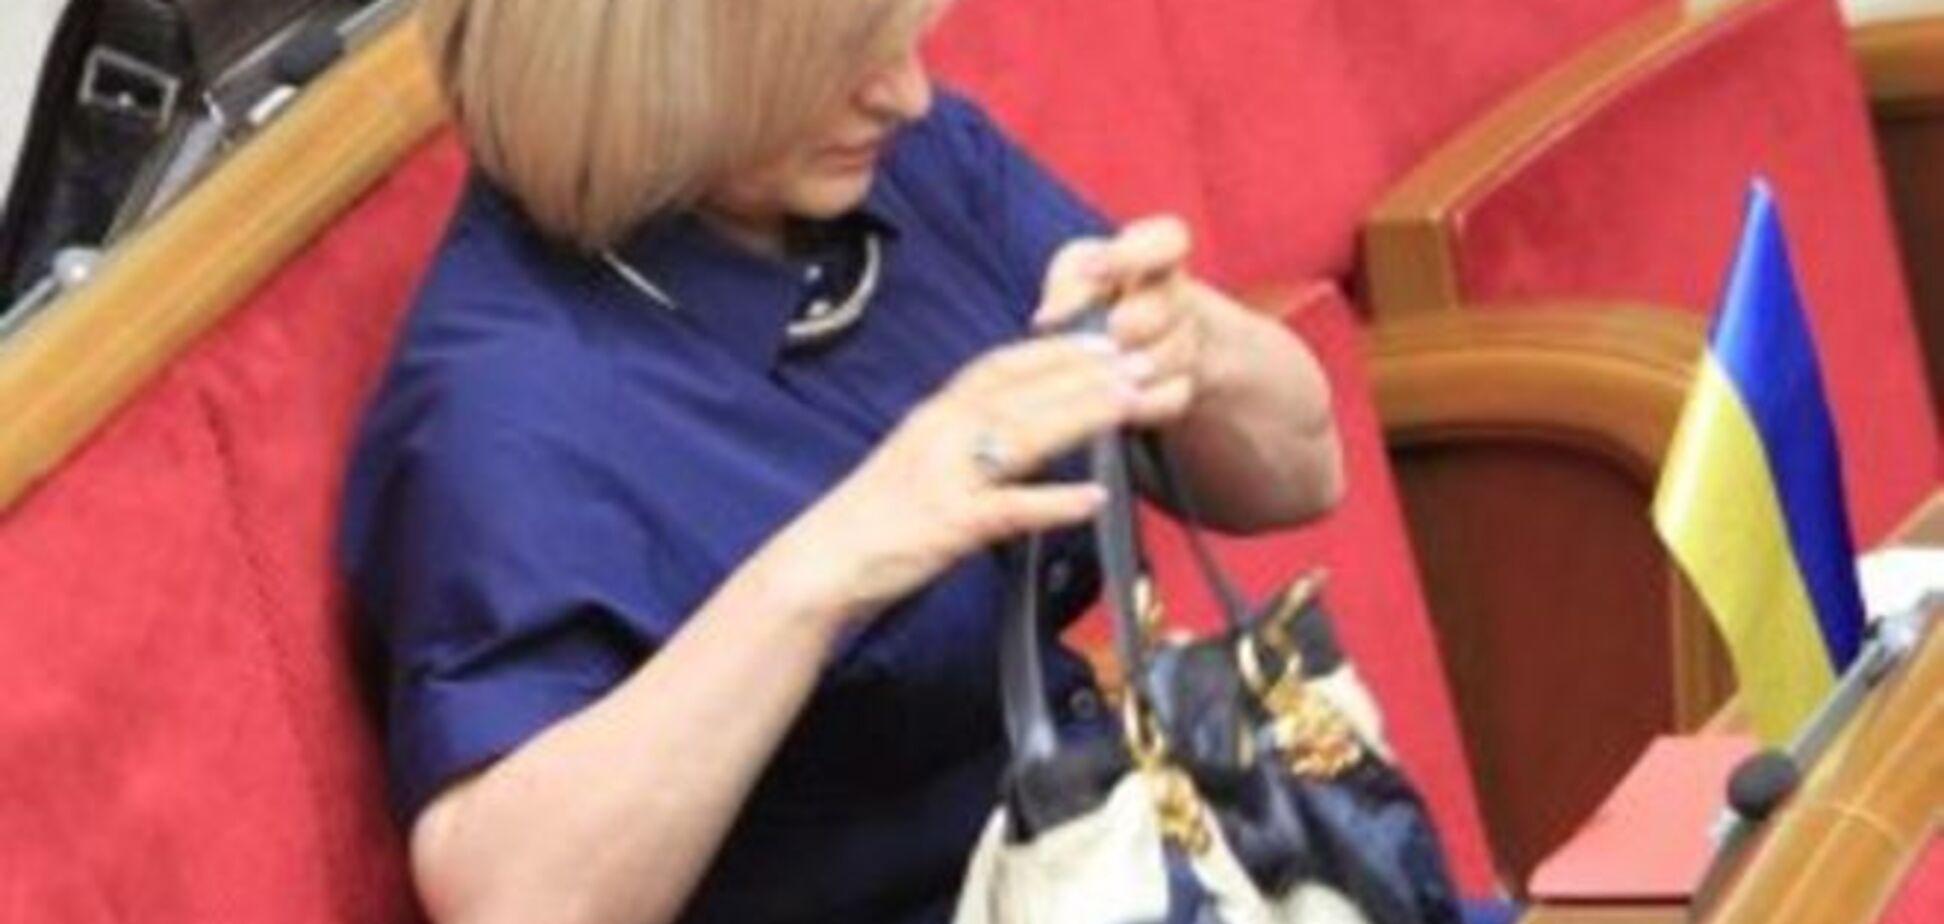 Вид на миллион! Жена Луценко собрала коллекцию дорогущих дизайнерских сумок: фотофакт